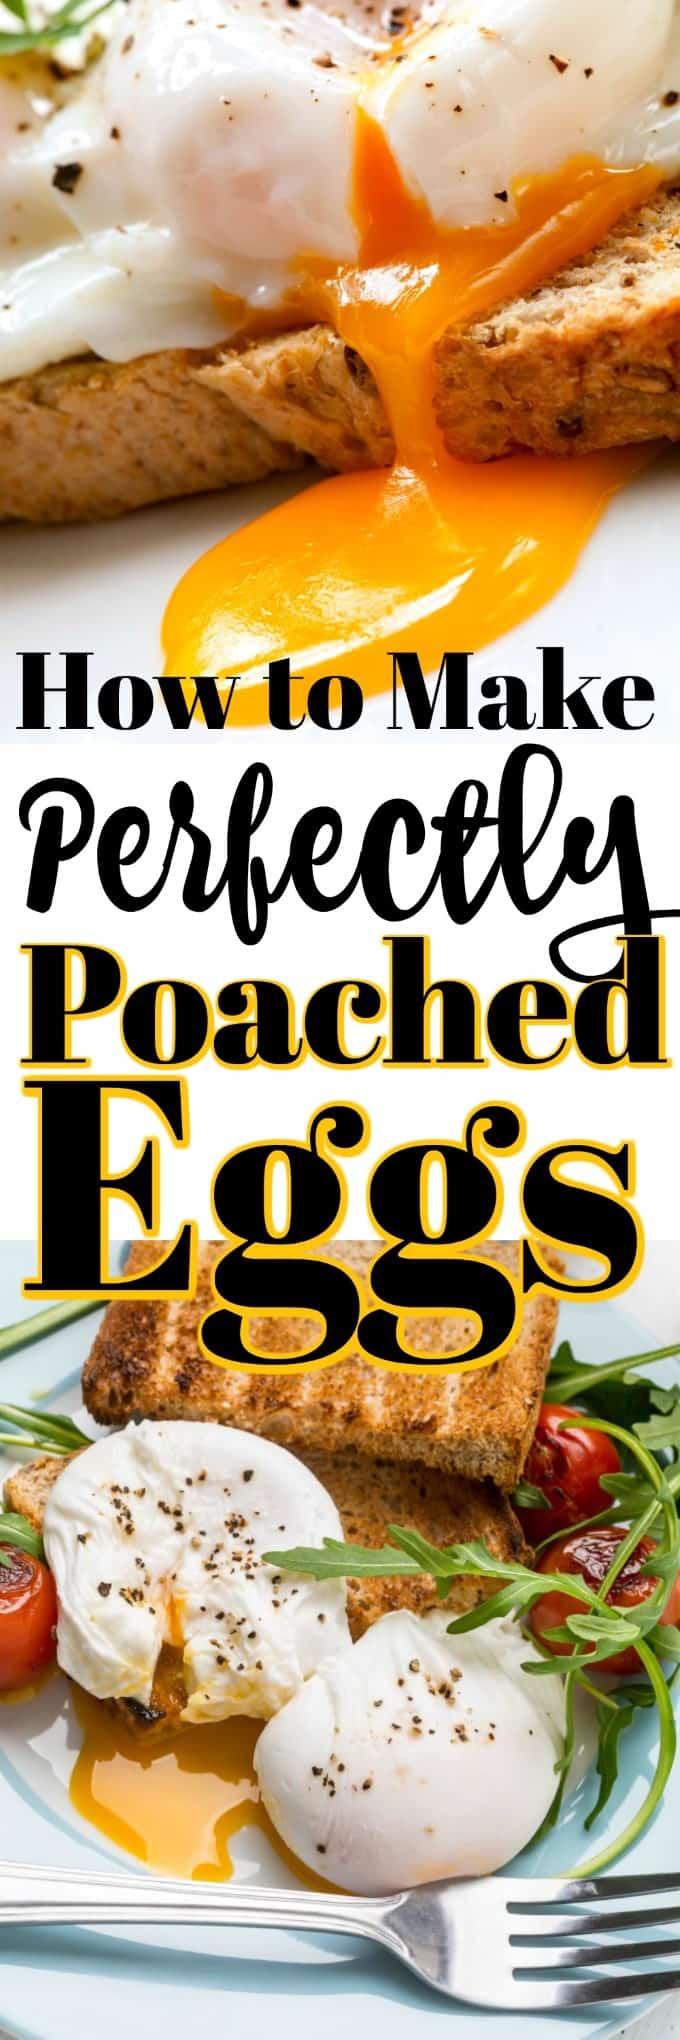 Cómo hacer huevos escalfados perfectamente es más fácil de lo que piensas. ¡Su riqueza agrega mucho a un desayuno simple a un elaborado Benedict de huevos! #poachedeggs #howto #eggs #breakfast #brunch